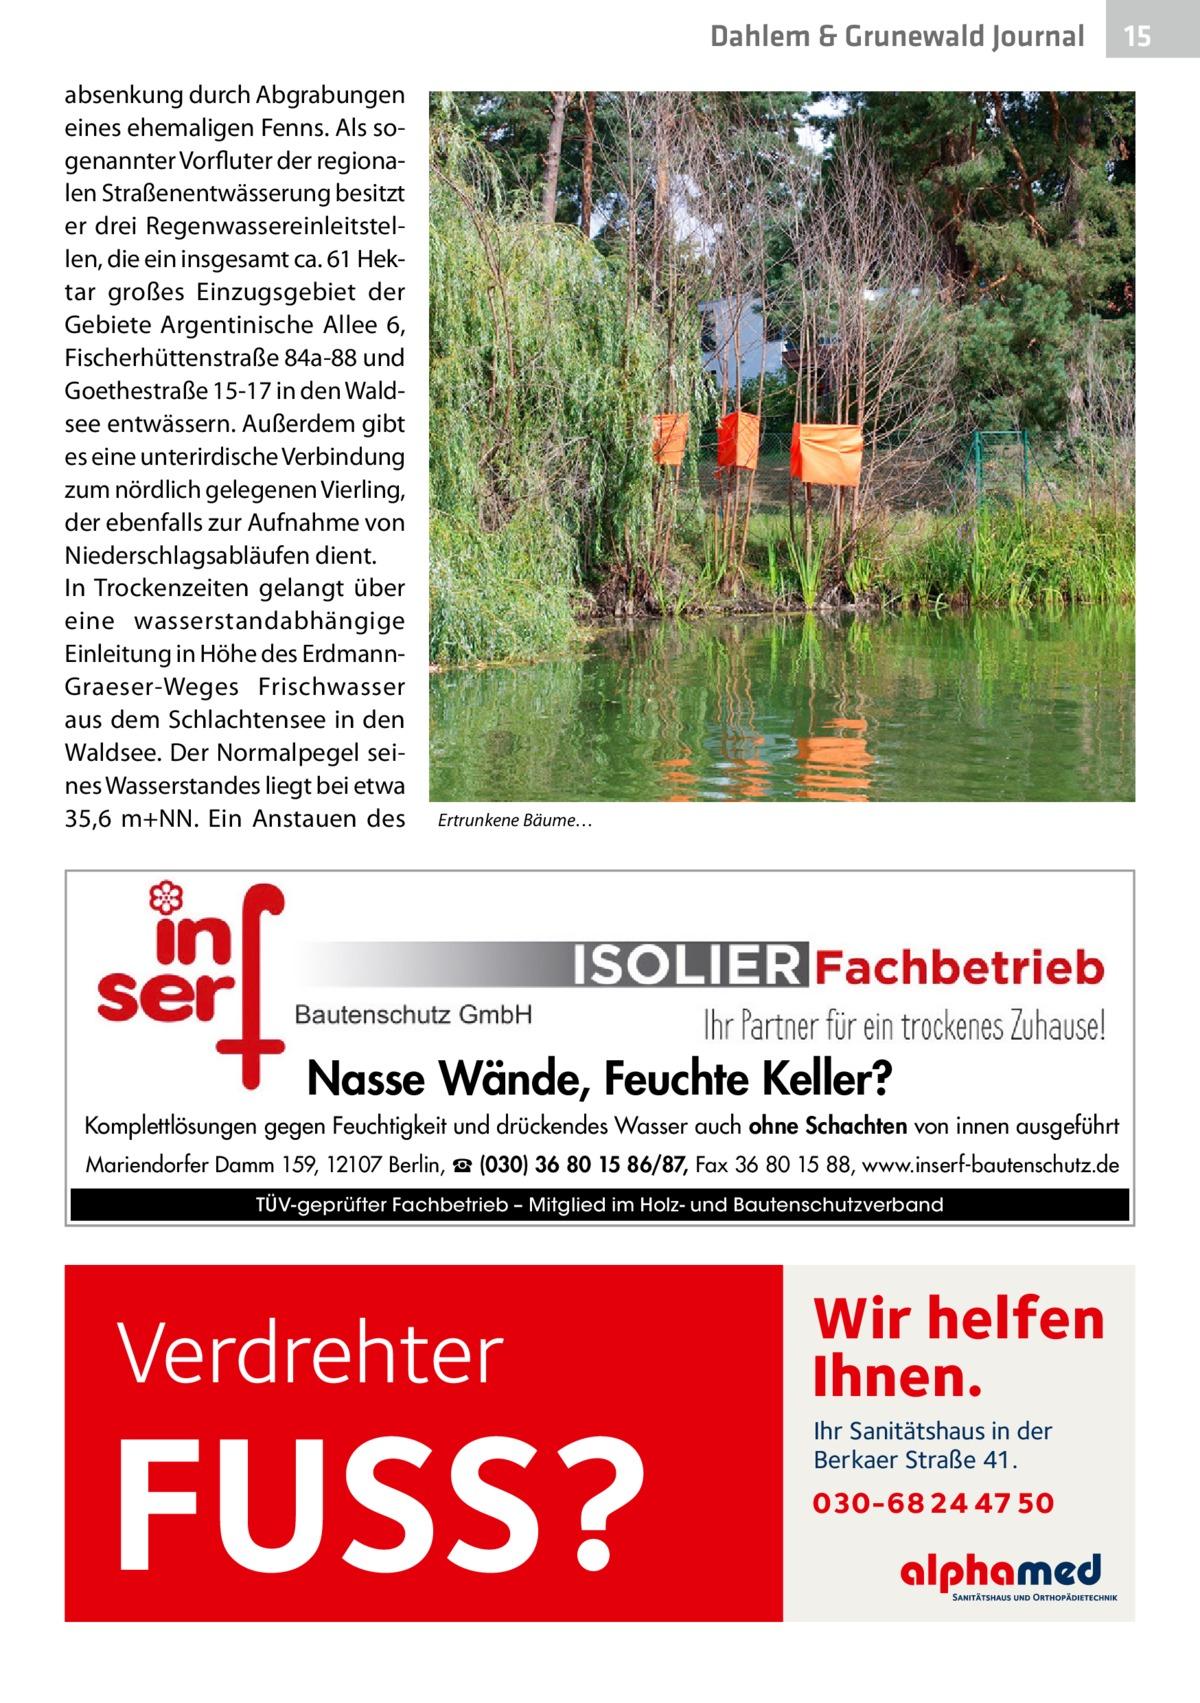 Dahlem & Grunewald Journal absenkung durch Abgrabungen eines ehemaligen Fenns. Als sogenannter Vorfluter der regionalen Straßenentwässerung besitzt er drei Regenwassereinleitstellen, die ein insgesamt ca. 61Hektar großes Einzugsgebiet der Gebiete Argentinische Allee 6, Fischerhüttenstraße84a-88 und Goethestraße15-17 in den Waldsee entwässern. Außerdem gibt es eine unterirdische Verbindung zum nördlich gelegenen Vierling, der ebenfalls zur Aufnahme von Niederschlagsabläufen dient. In Trockenzeiten gelangt über eine wasserstandabhängige Einleitung in Höhe des ErdmannGraeser-Weges Frischw asser aus dem Schlachtensee in den Waldsee. Der Normalpegel seines Wasserstandes liegt bei etwa 35,6 m+NN. Ein Anstauen des  Ertrunkene Bäume…  Nasse Wände, Feuchte Keller? Komplettlösungen gegen Feuchtigkeit und drückendes Wasser auch ohne Schachten von innen ausgeführt Mariendorfer Damm 159, 12107 Berlin, ☎ (030) 36 80 15 86/87, Fax 36 80 15 88, www.inserf-bautenschutz.de TÜV-geprüfter Fachbetrieb – Mitglied im Holz- und Bautenschutzverband  Verdrehter  FUSS?  Wir helfen Ihnen. Ihr Sanitätshaus in der Berkaer Straße 41.  030-68 24 47 50  15 15